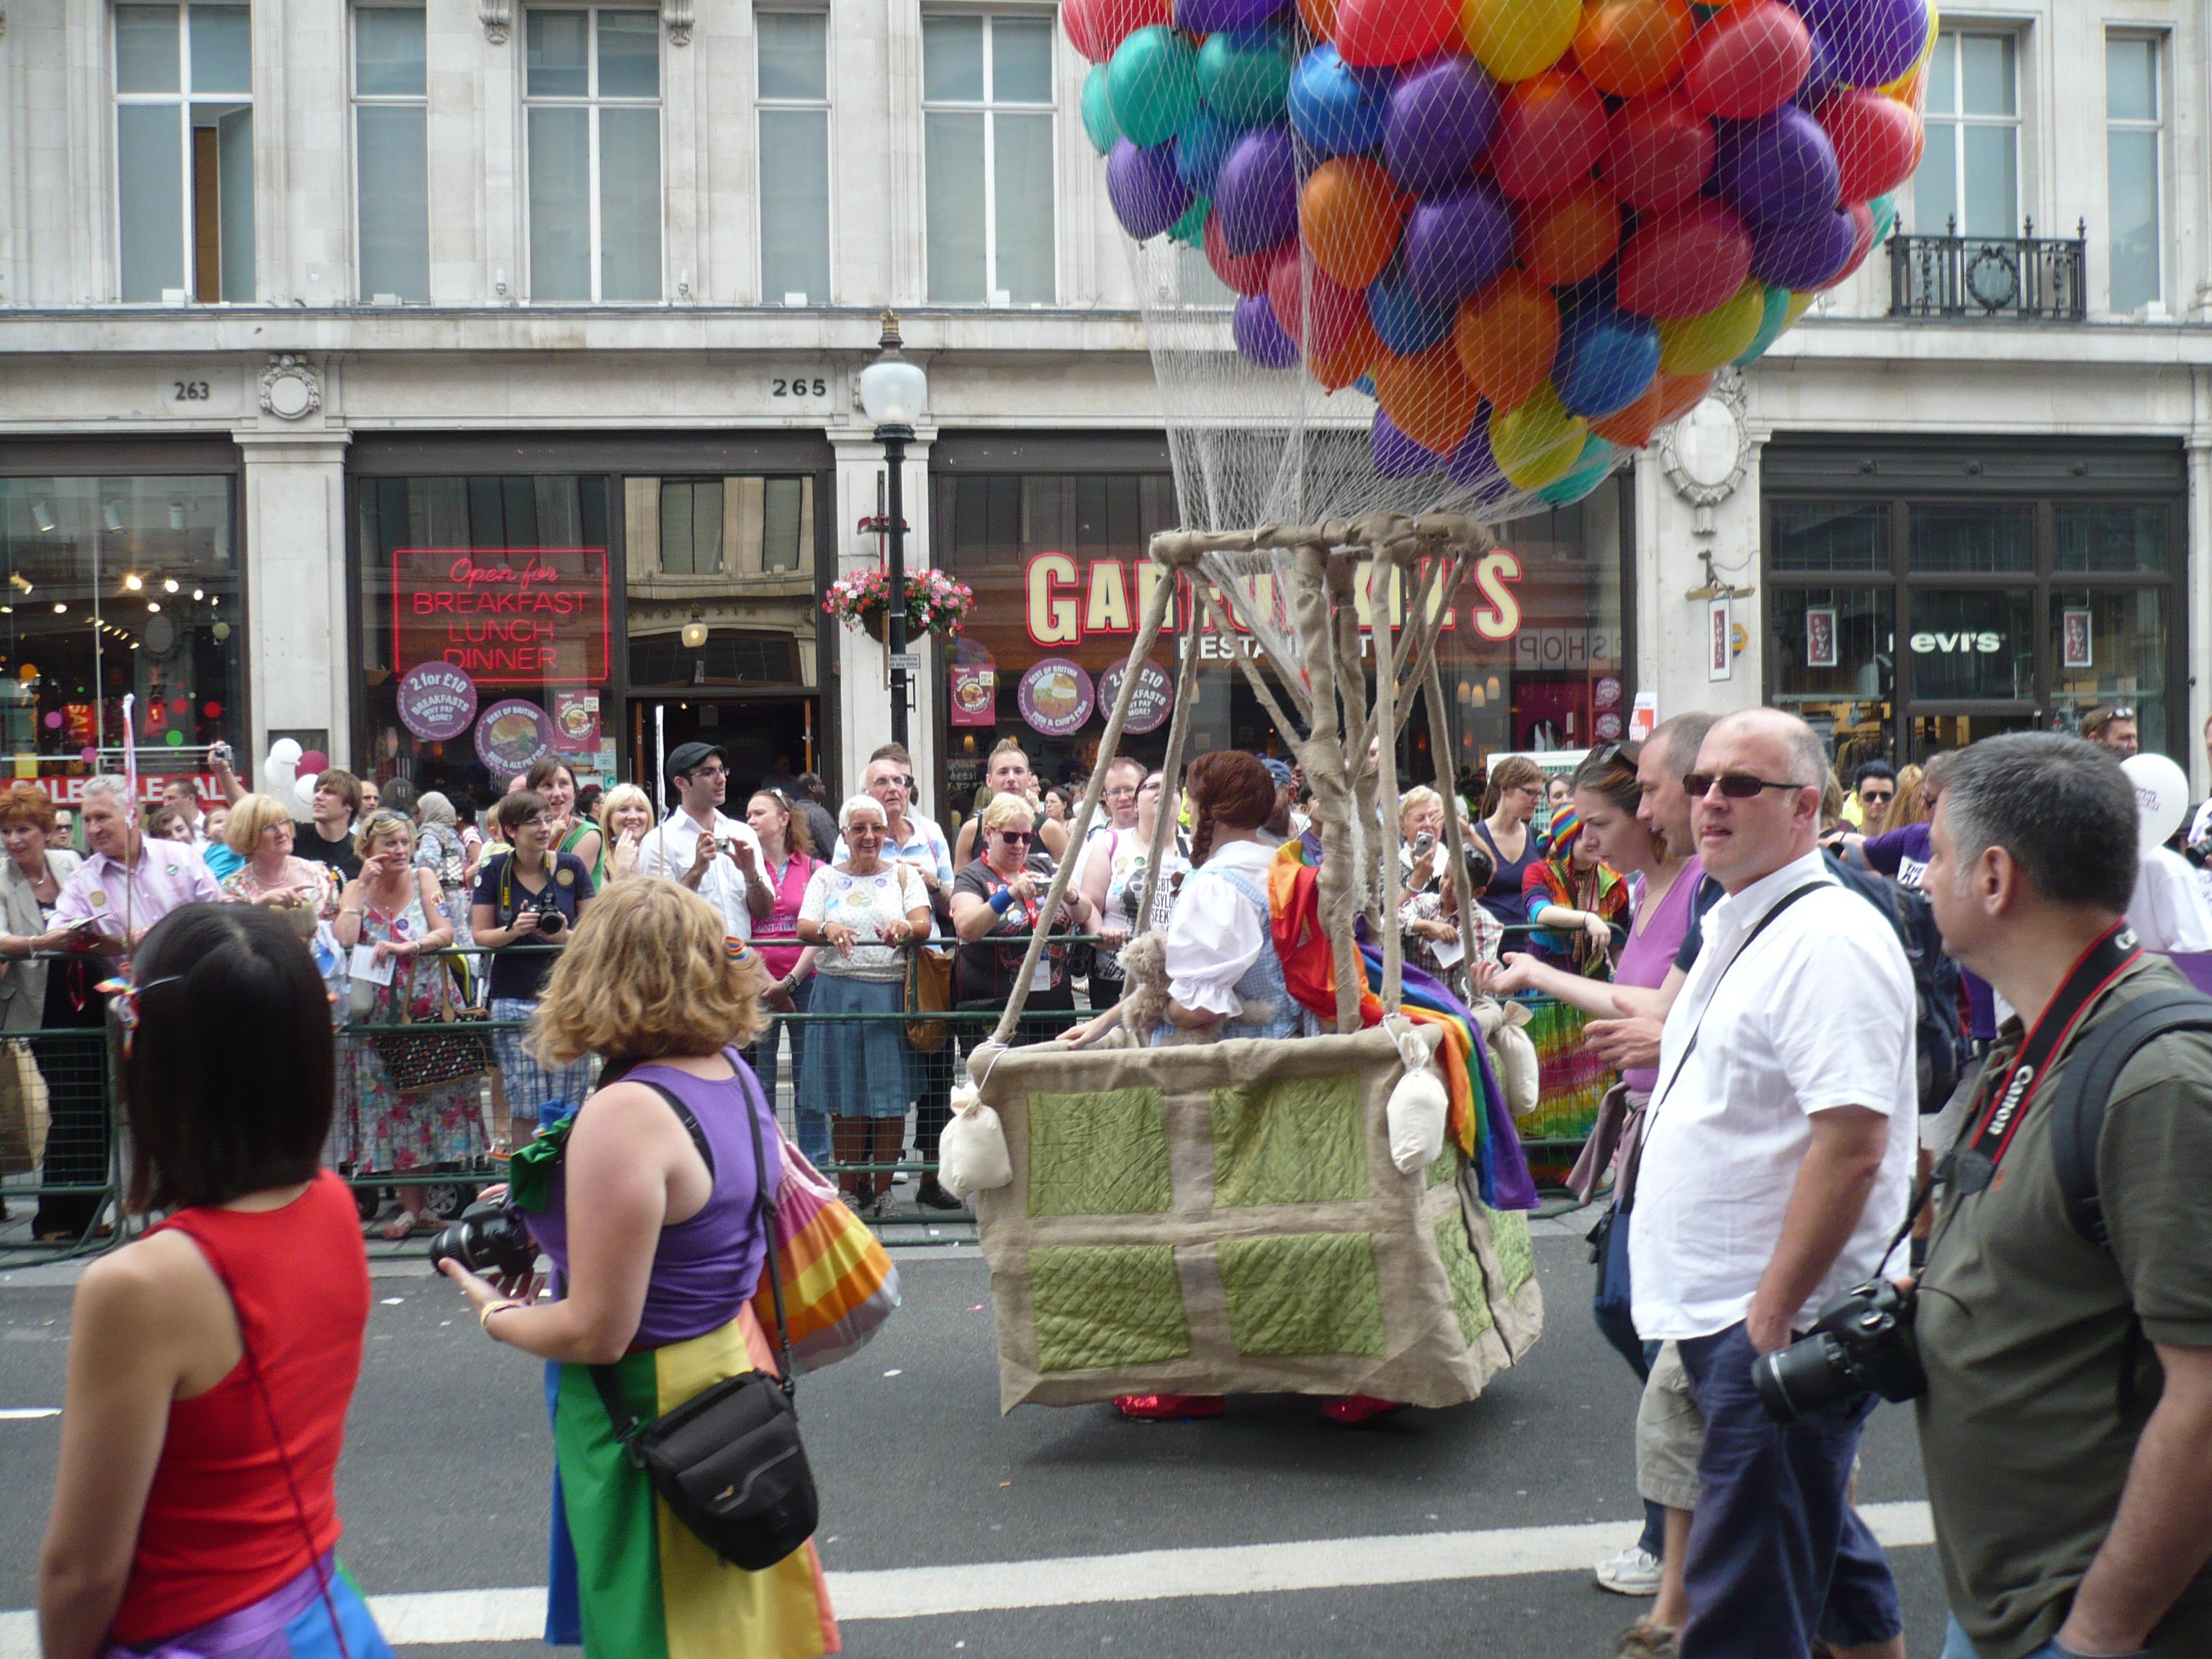 Gay Pride (5898390804).jpg English: gay pride london 2011,London LGBT Pride 2011 Date 2 July 2011, 18:38:04 Source https://www.flickr